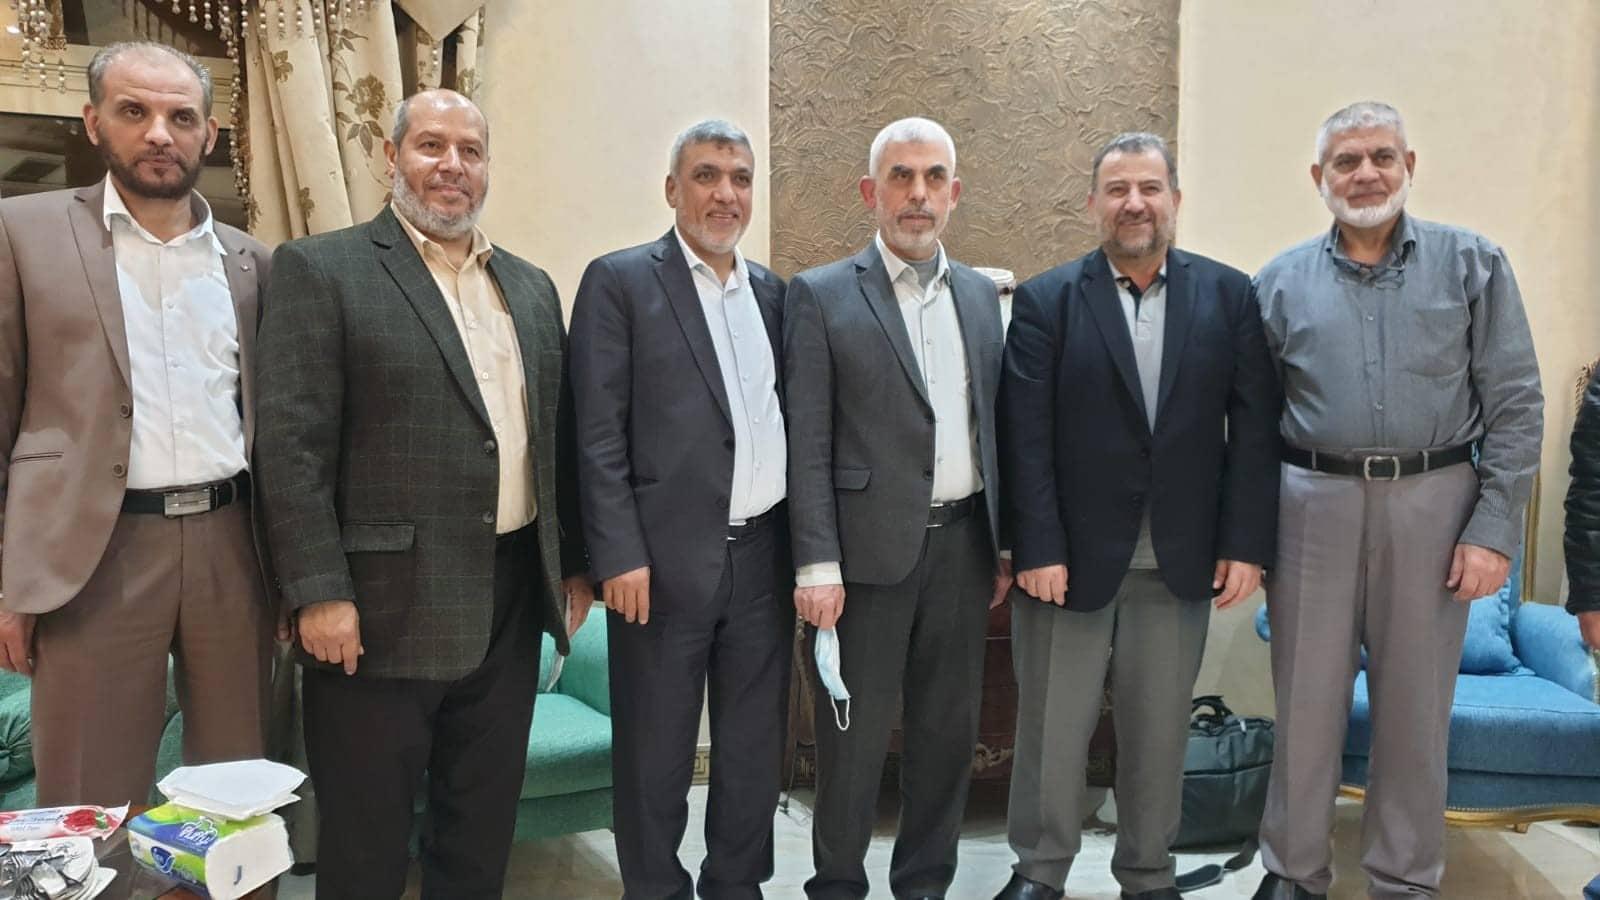 الوفد الإسرائيلي في القاهرة فوجئ بقادة حركة حماس في المبنى نفسه الذي أقاموا به